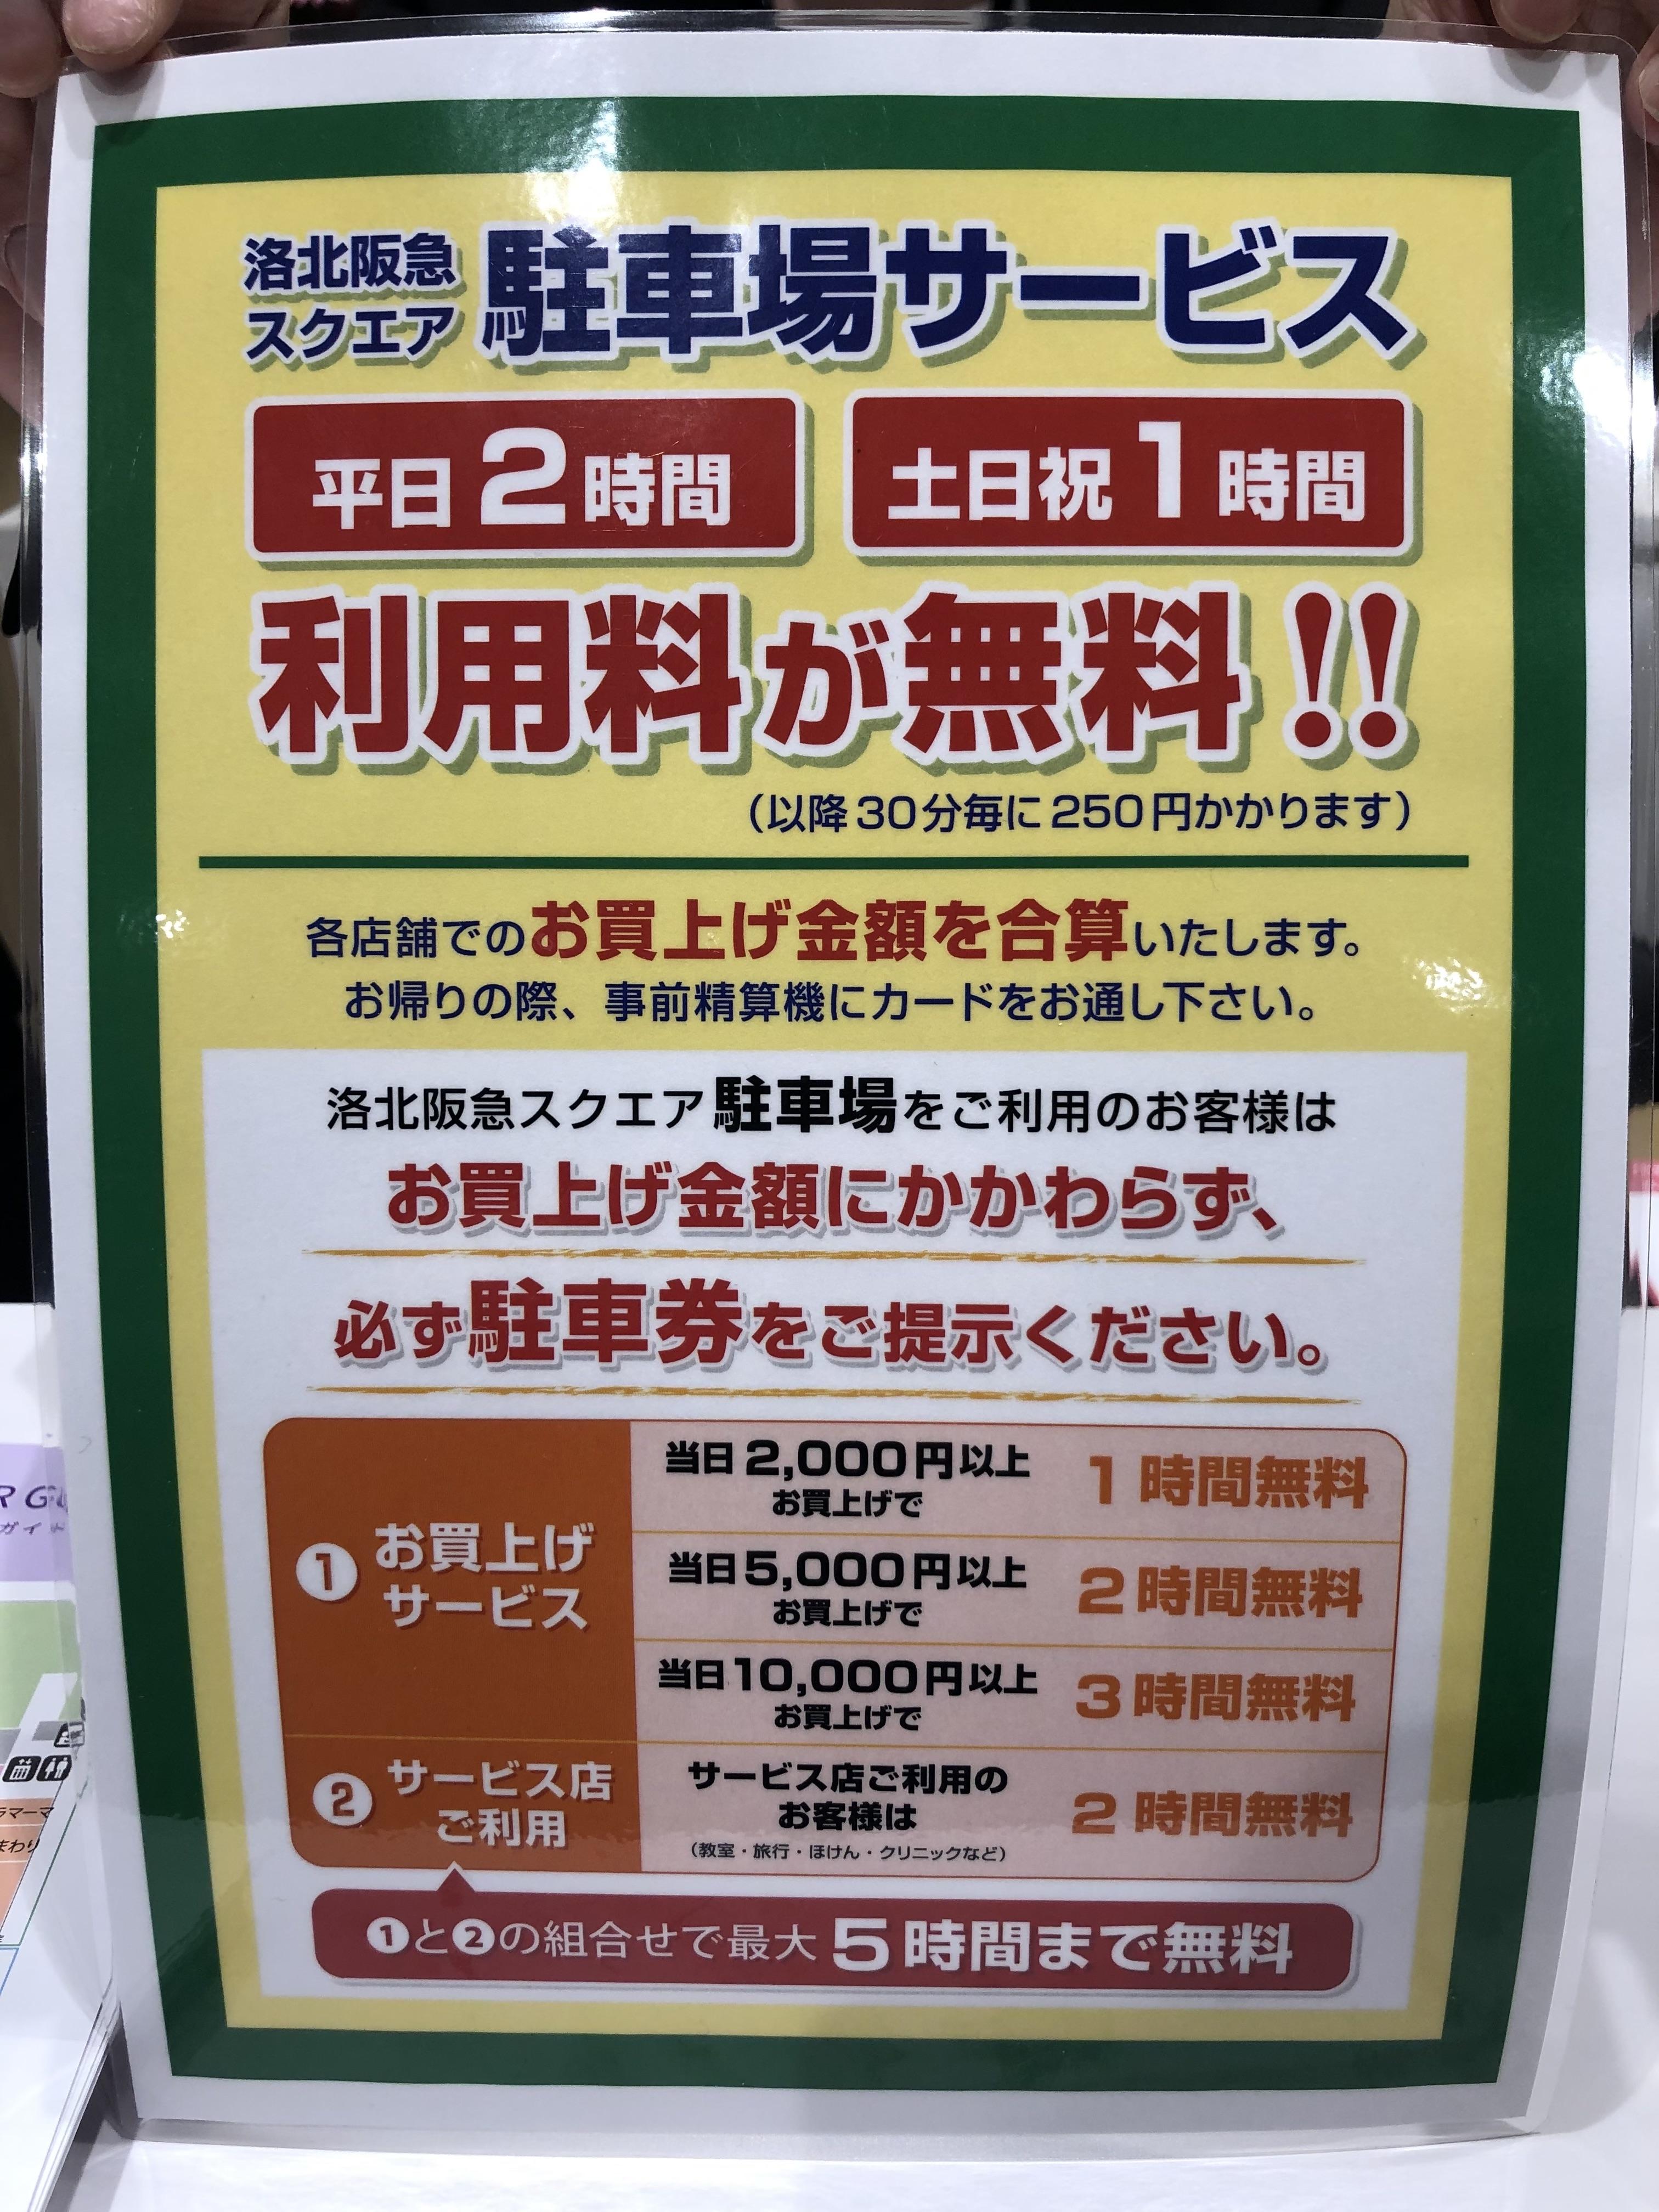 洛北阪急スクエア(洛北カナート)駐車場料金一覧